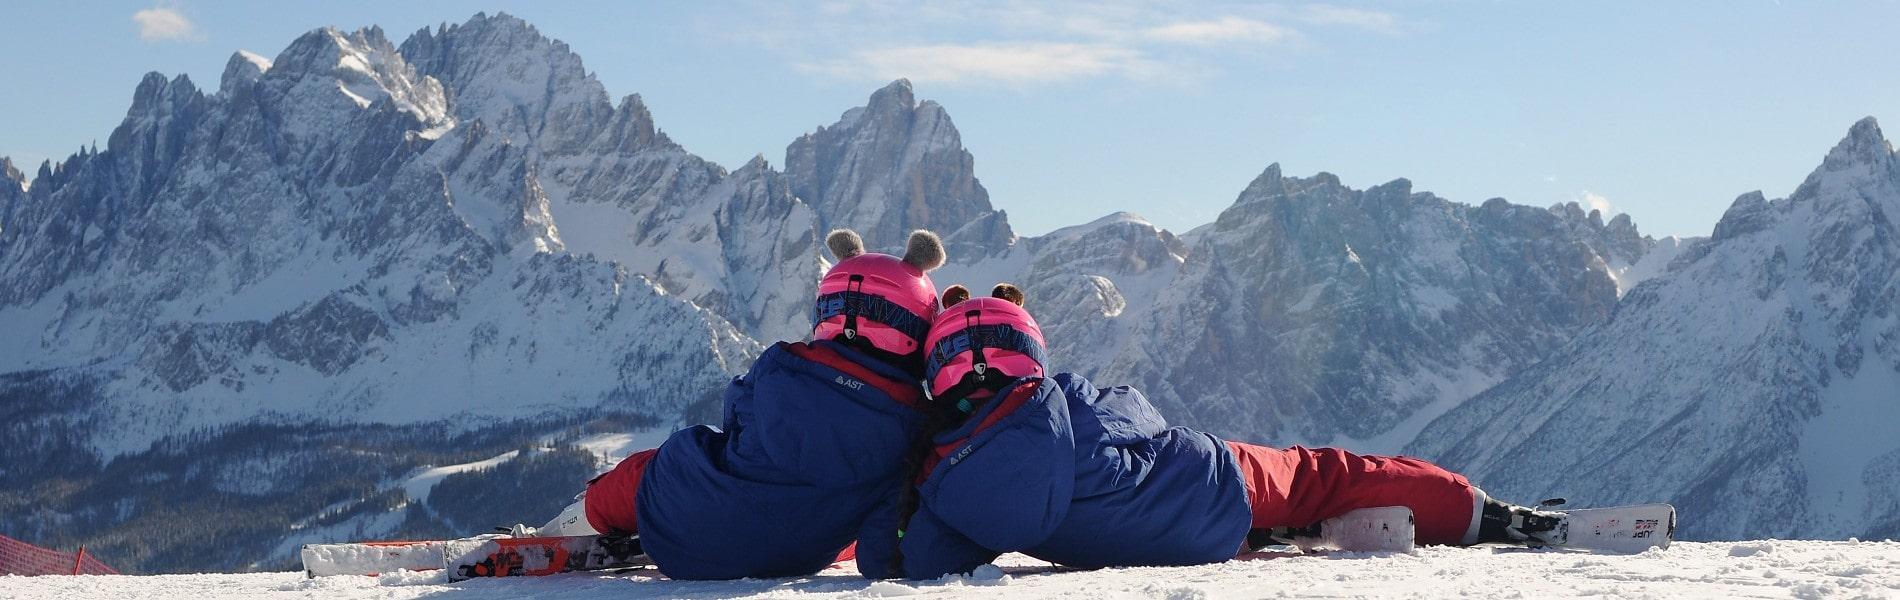 Skilessen voor kinderen - beginners